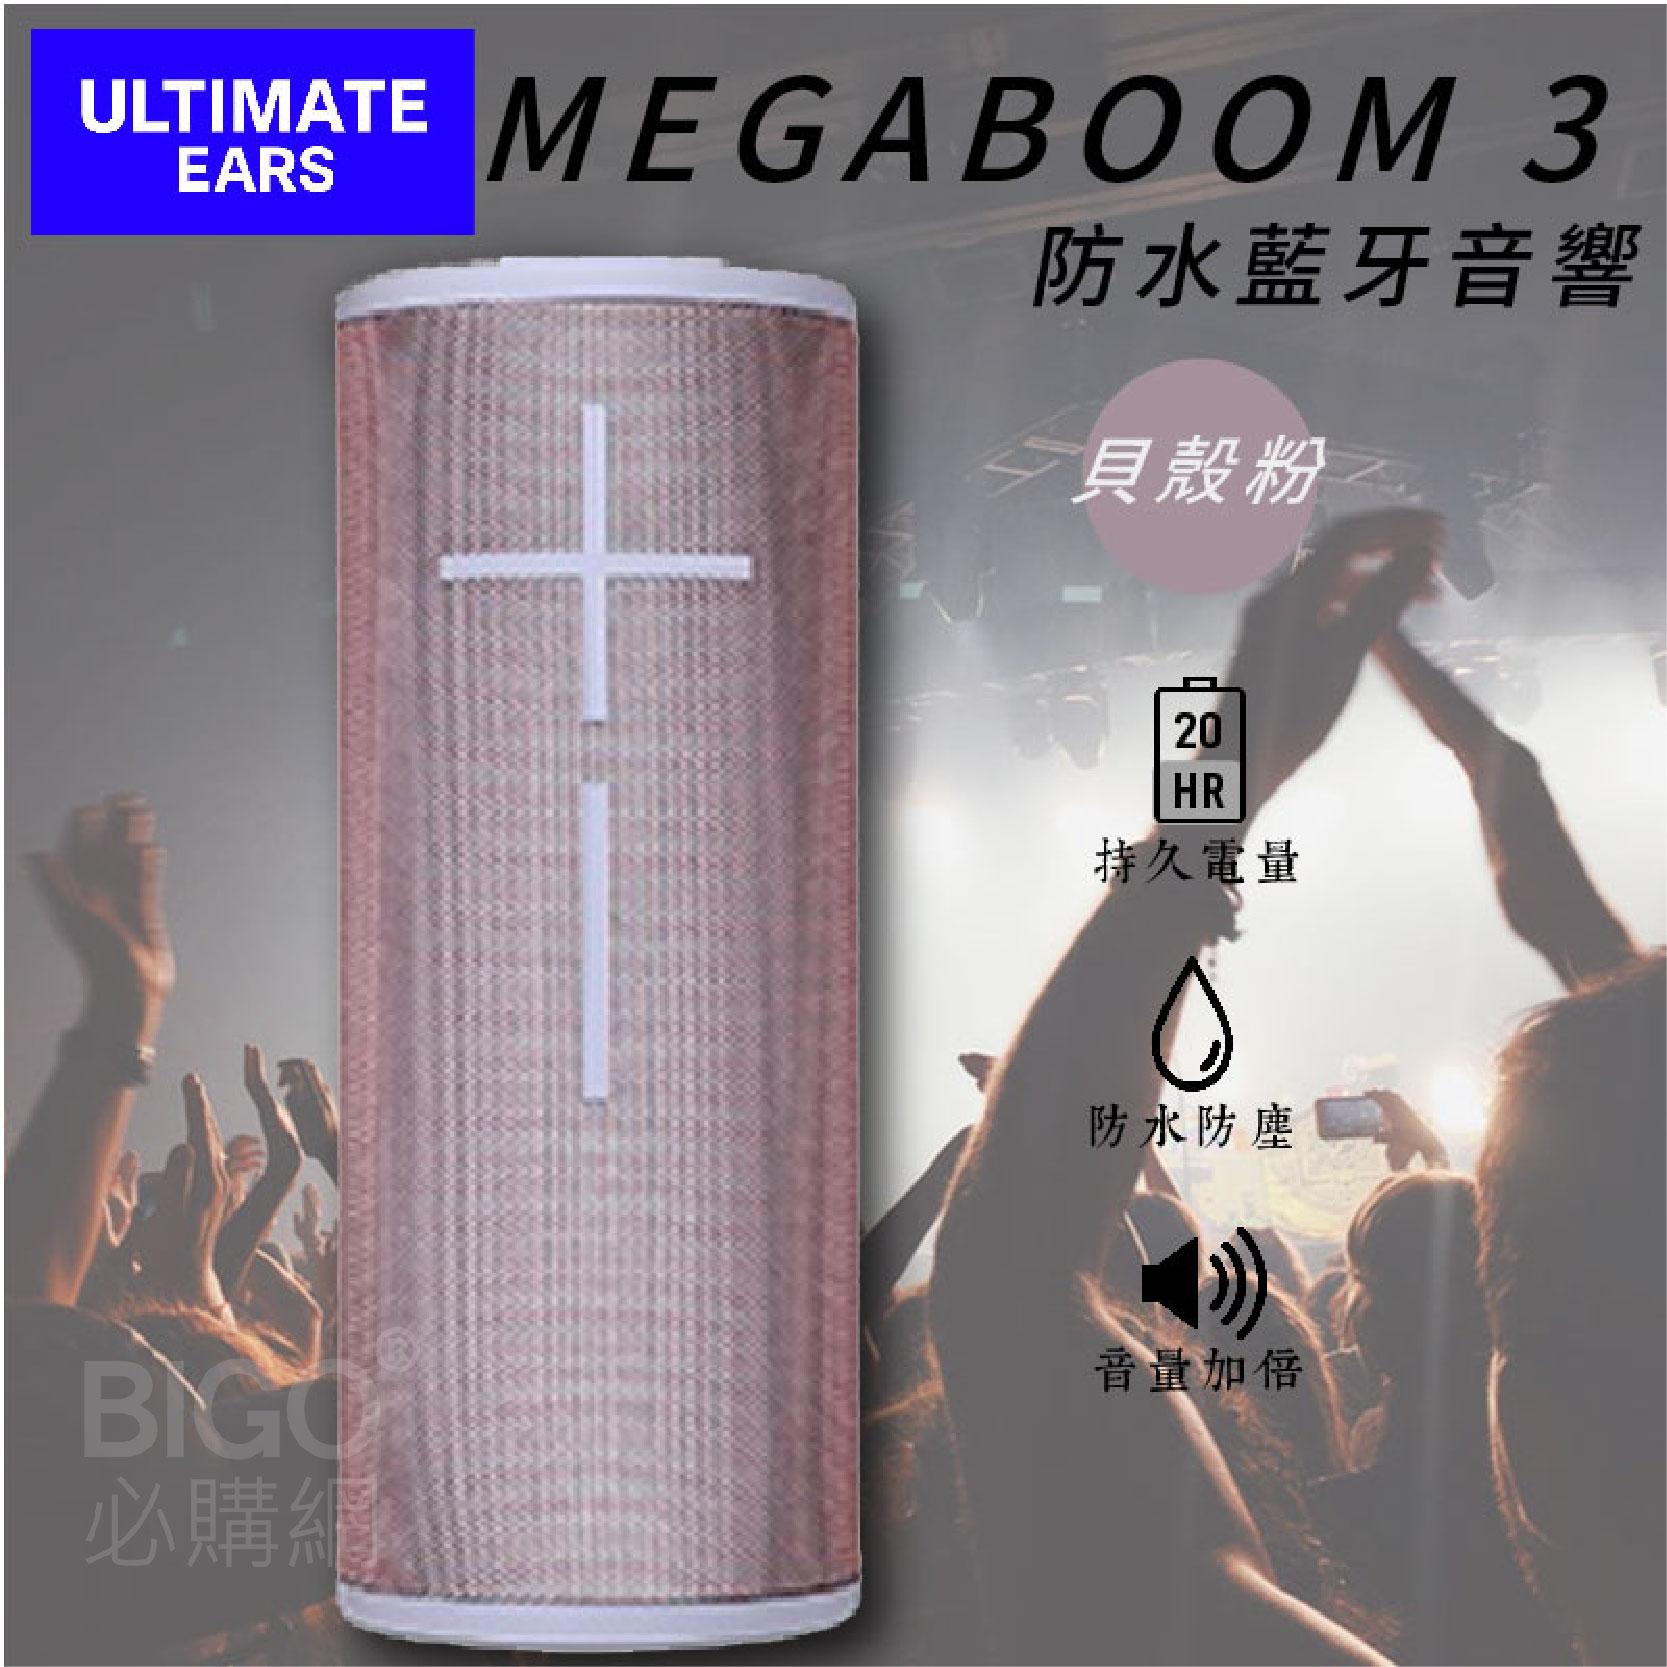 超大音量美國UE MEGABOOM3 貝殼粉 藍芽喇叭 防水 防塵 可浮水  IP67 音量增強 操作簡易 無線